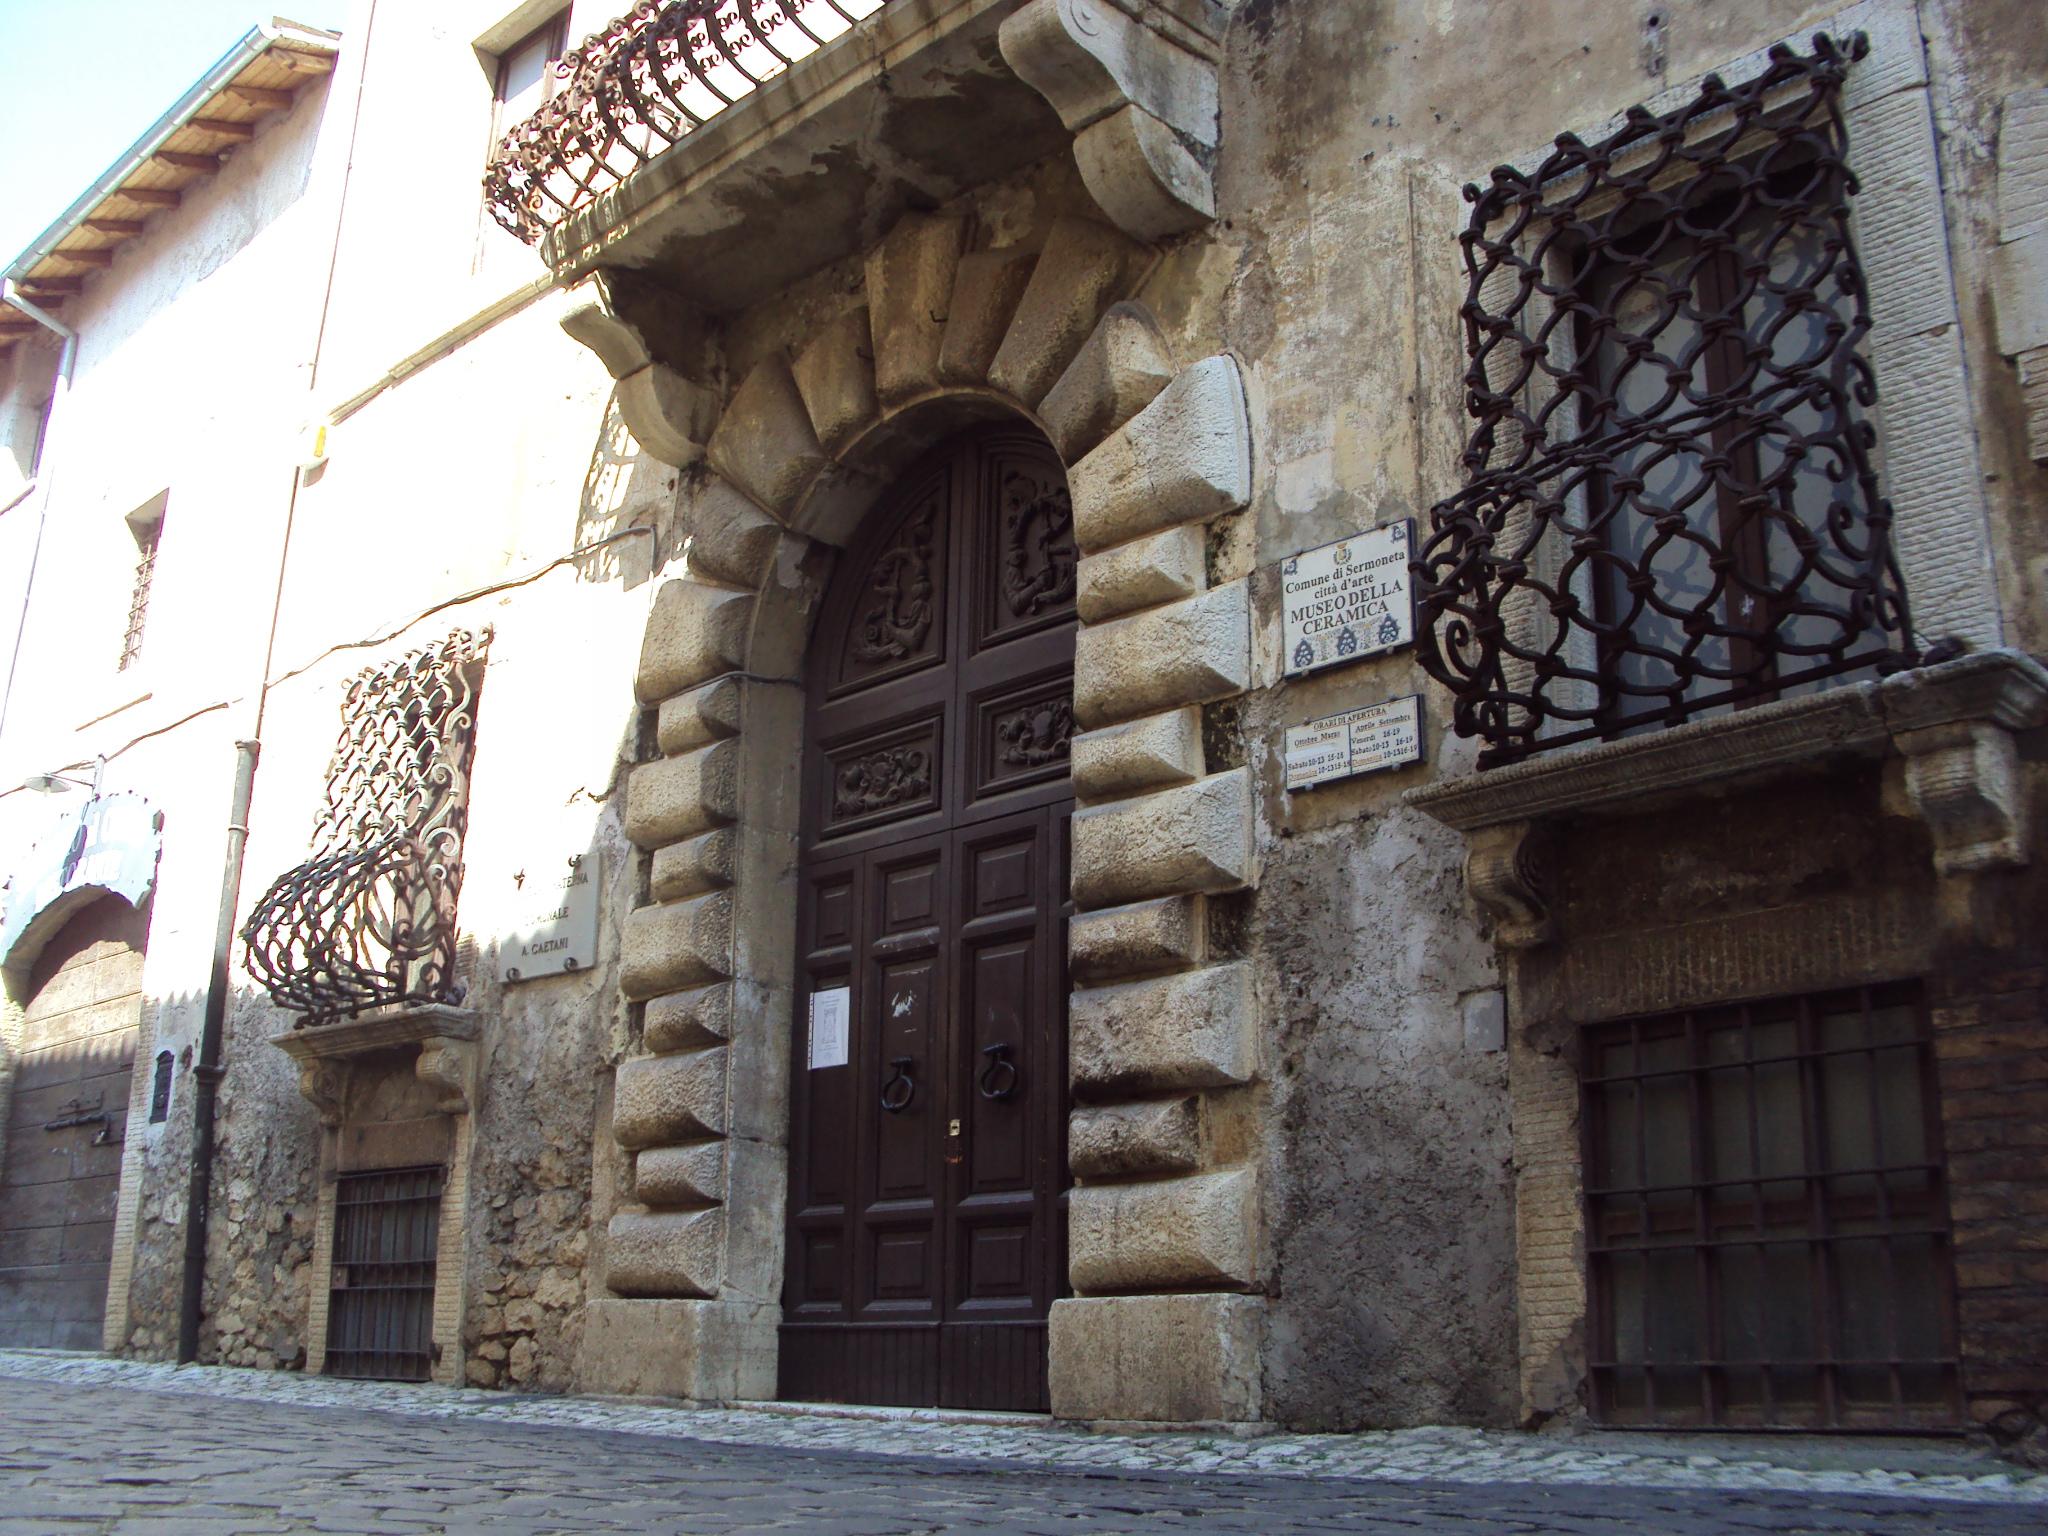 palazzocaetani